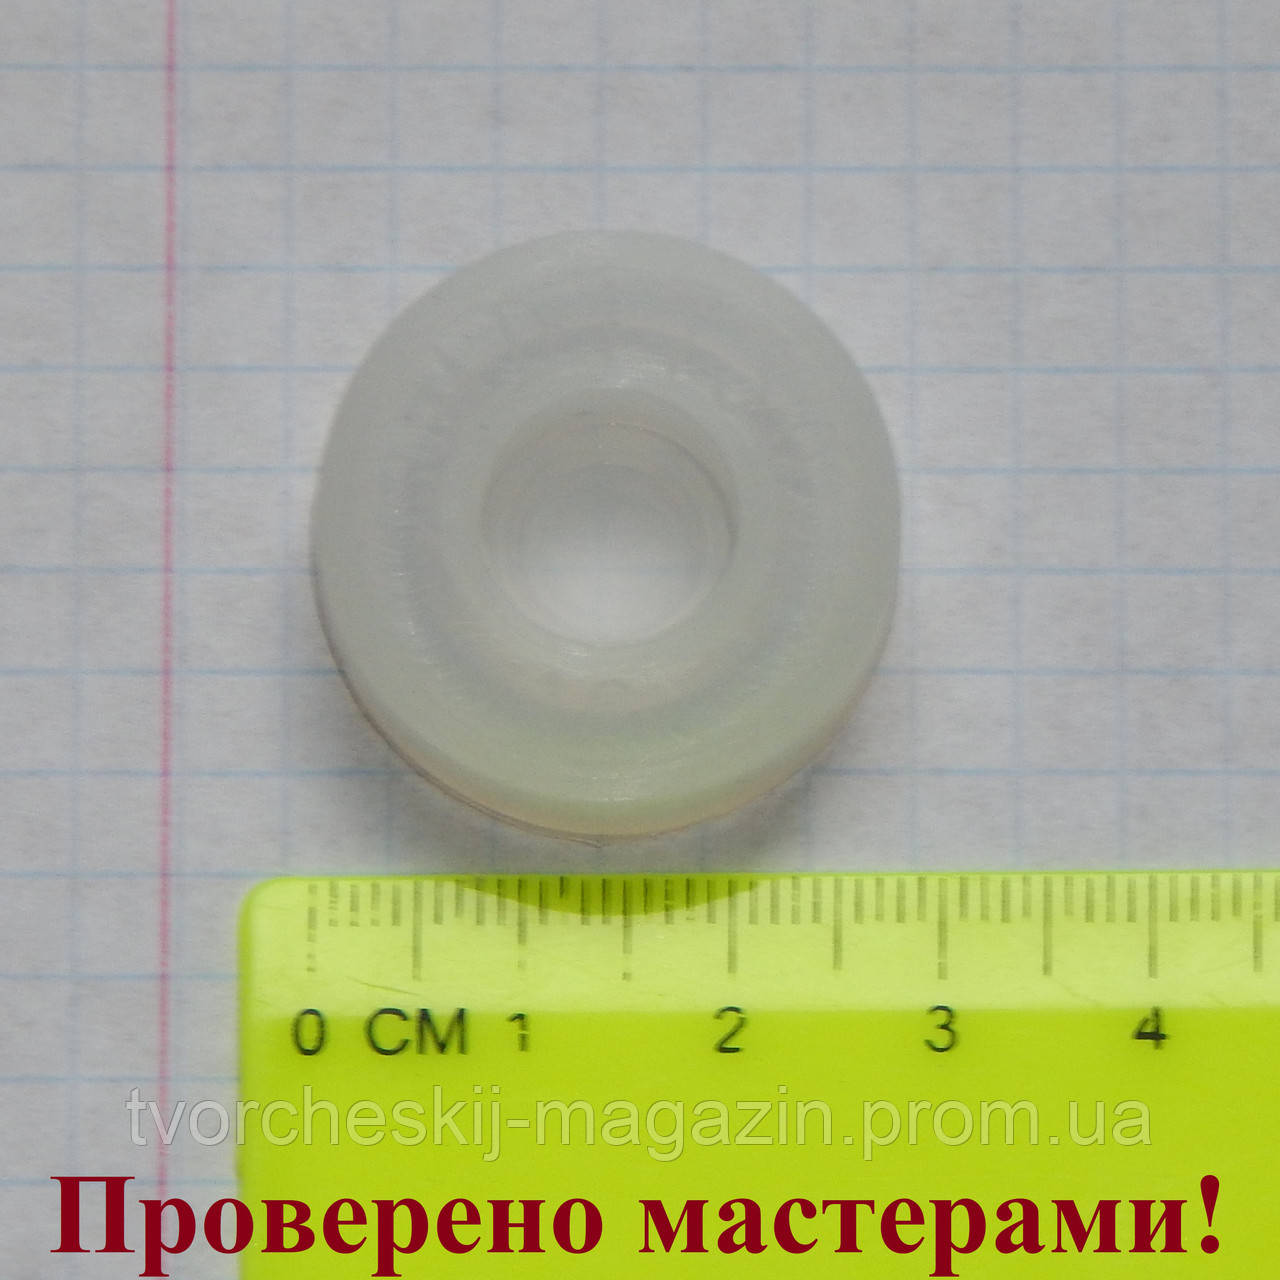 Форма для эпоксидной смолы, кольцо. Силиконовый молд для кольец 16 размера.